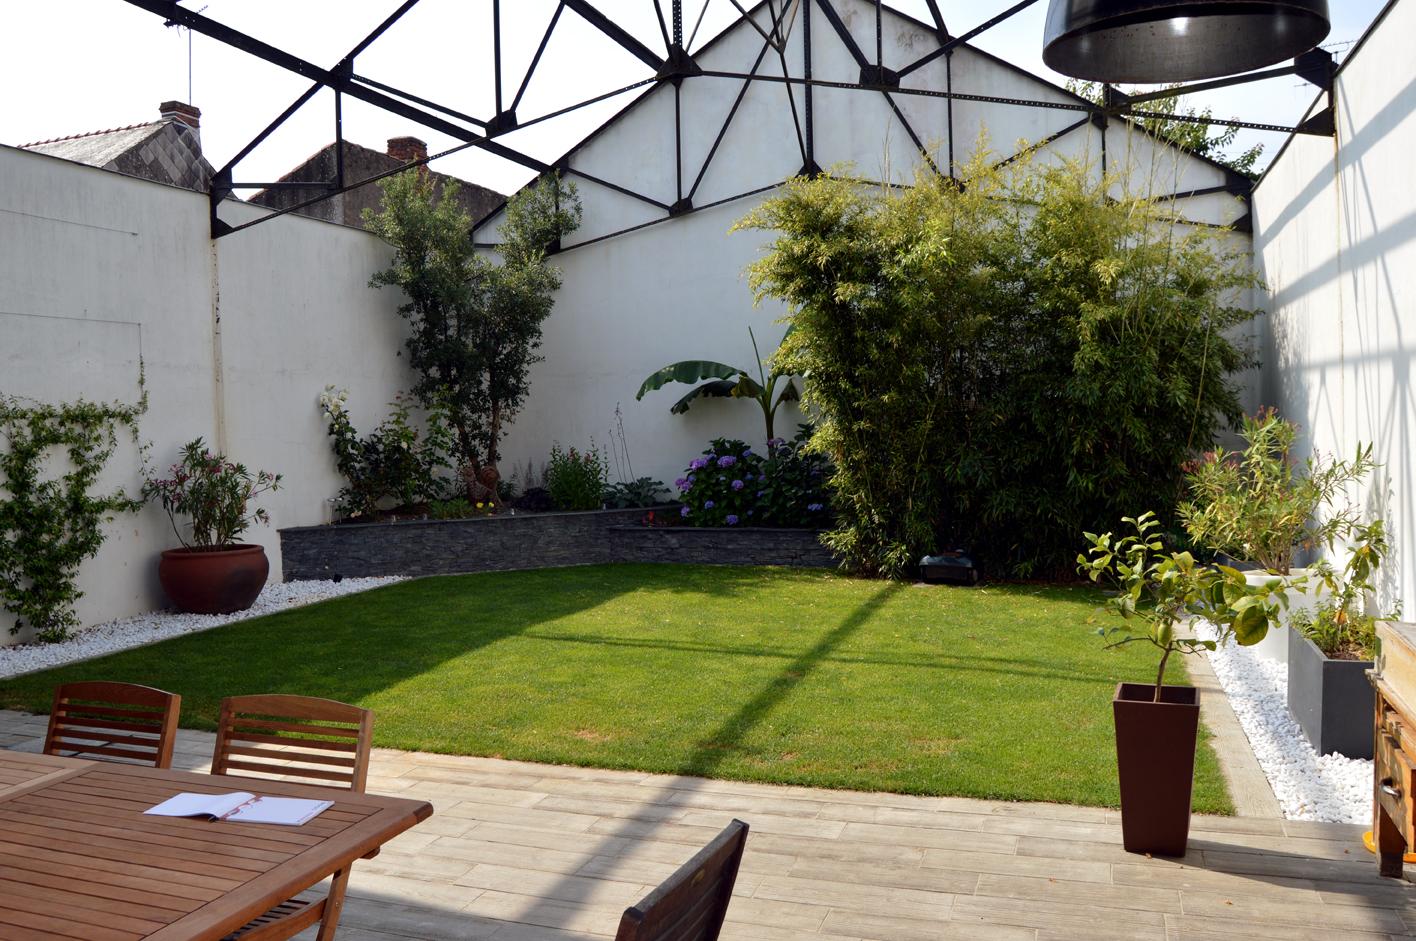 création et aménagement d'espaces végétalisés harmonieux: fleurs, arbres, pelouse